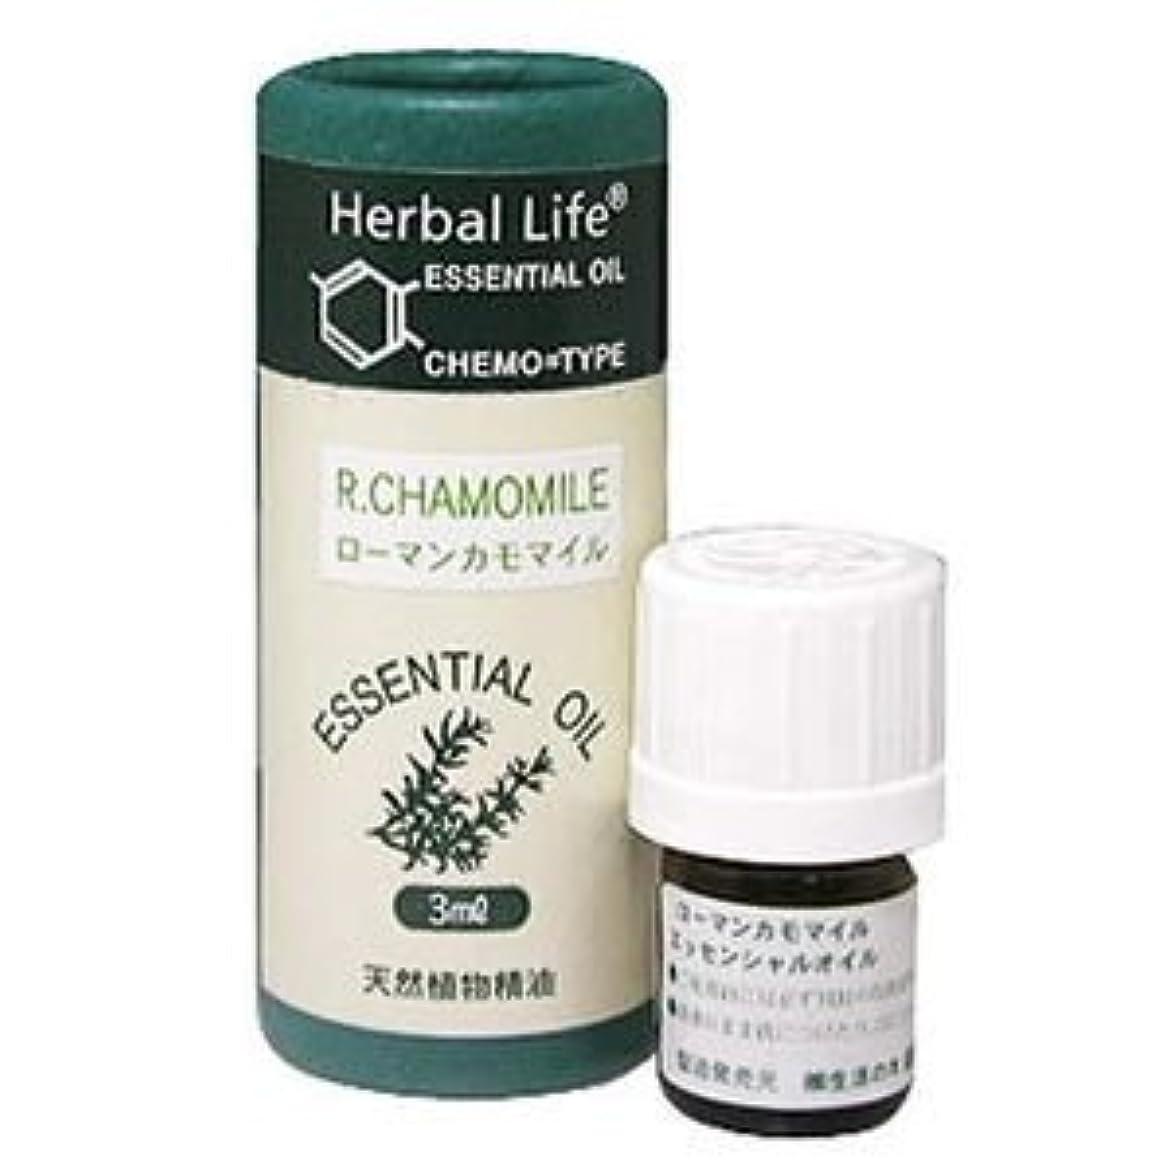 甘美なエスカレート革命Herbal Life カモマイル?ローマン 3ml